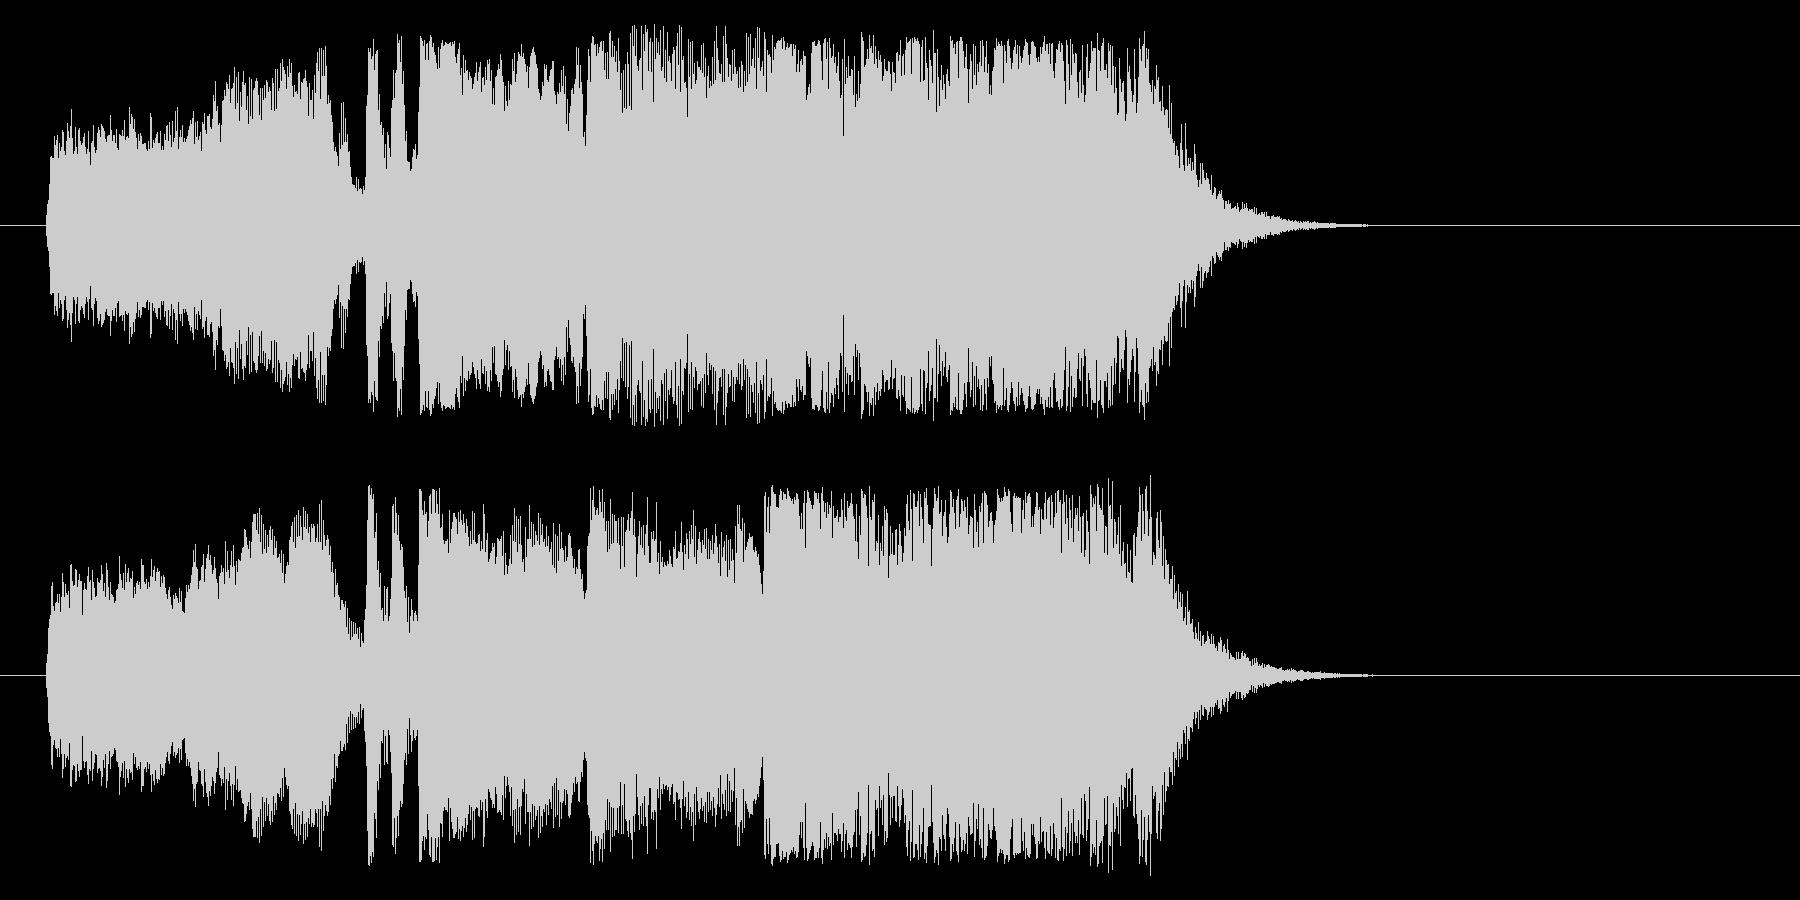 スケール感 格調 荘厳 登場 タイトルの未再生の波形